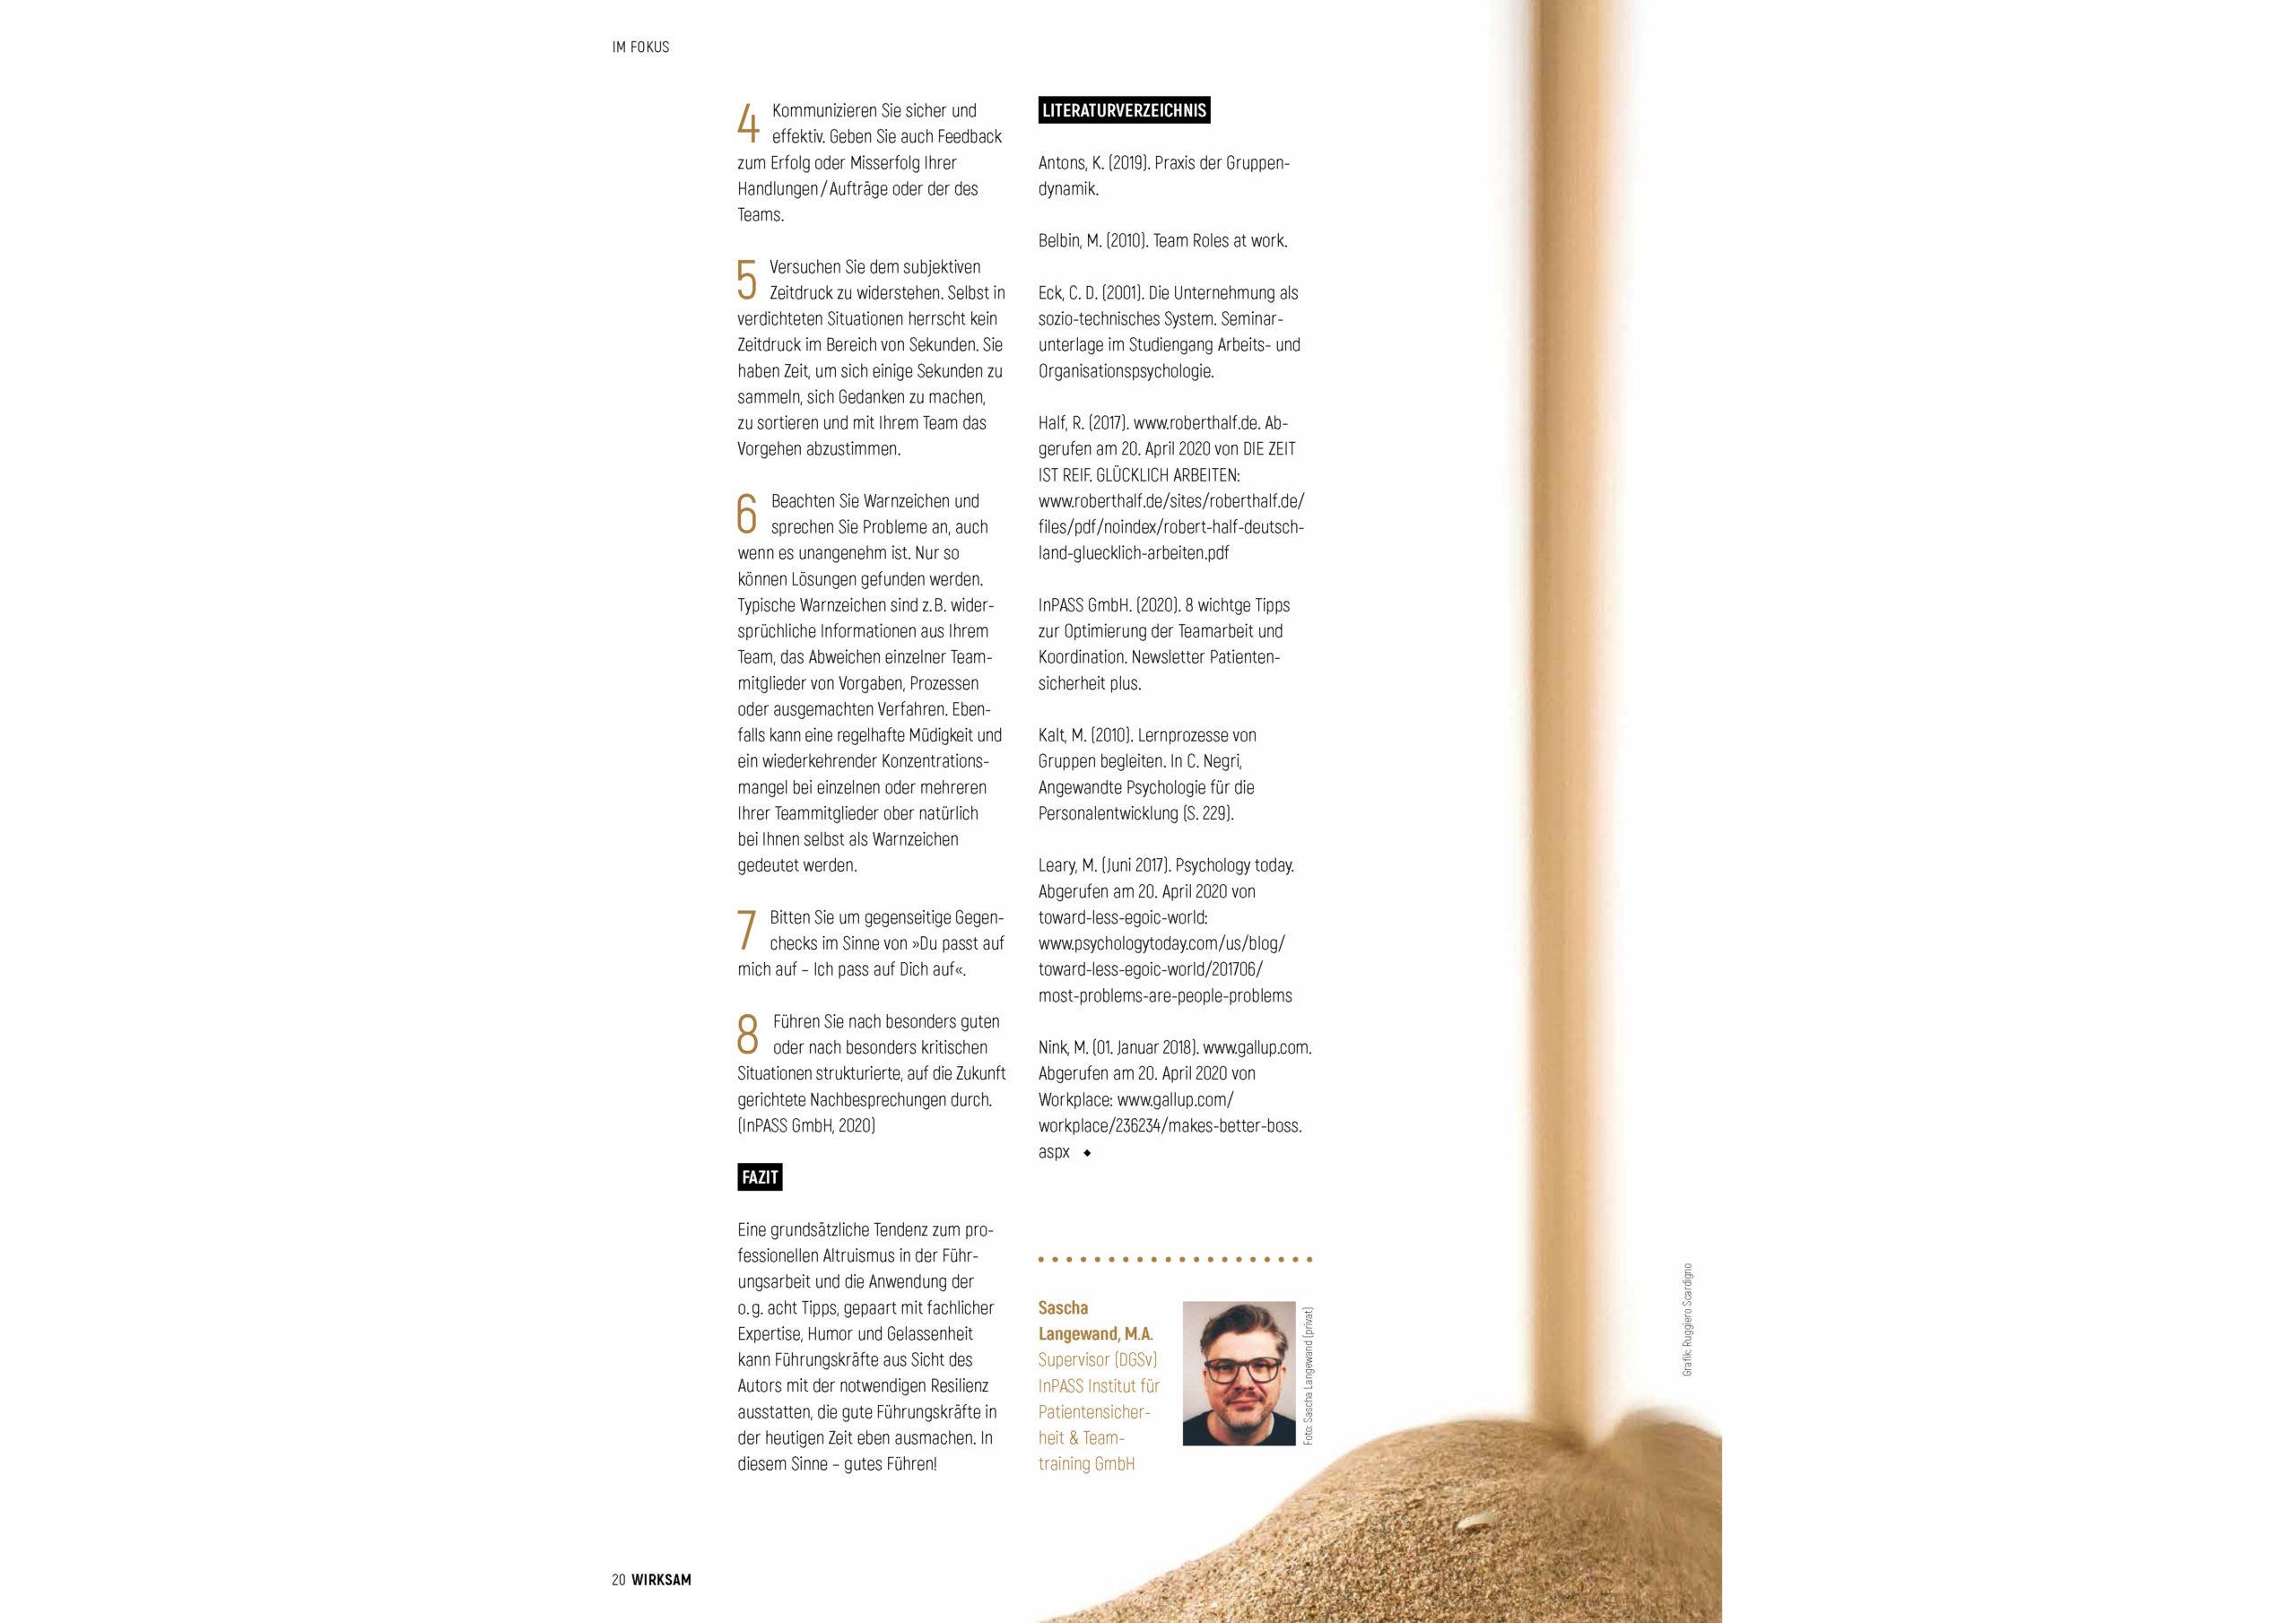 Wirksam_Ausgabe02_2020_S18-20_RZ_Seite_2